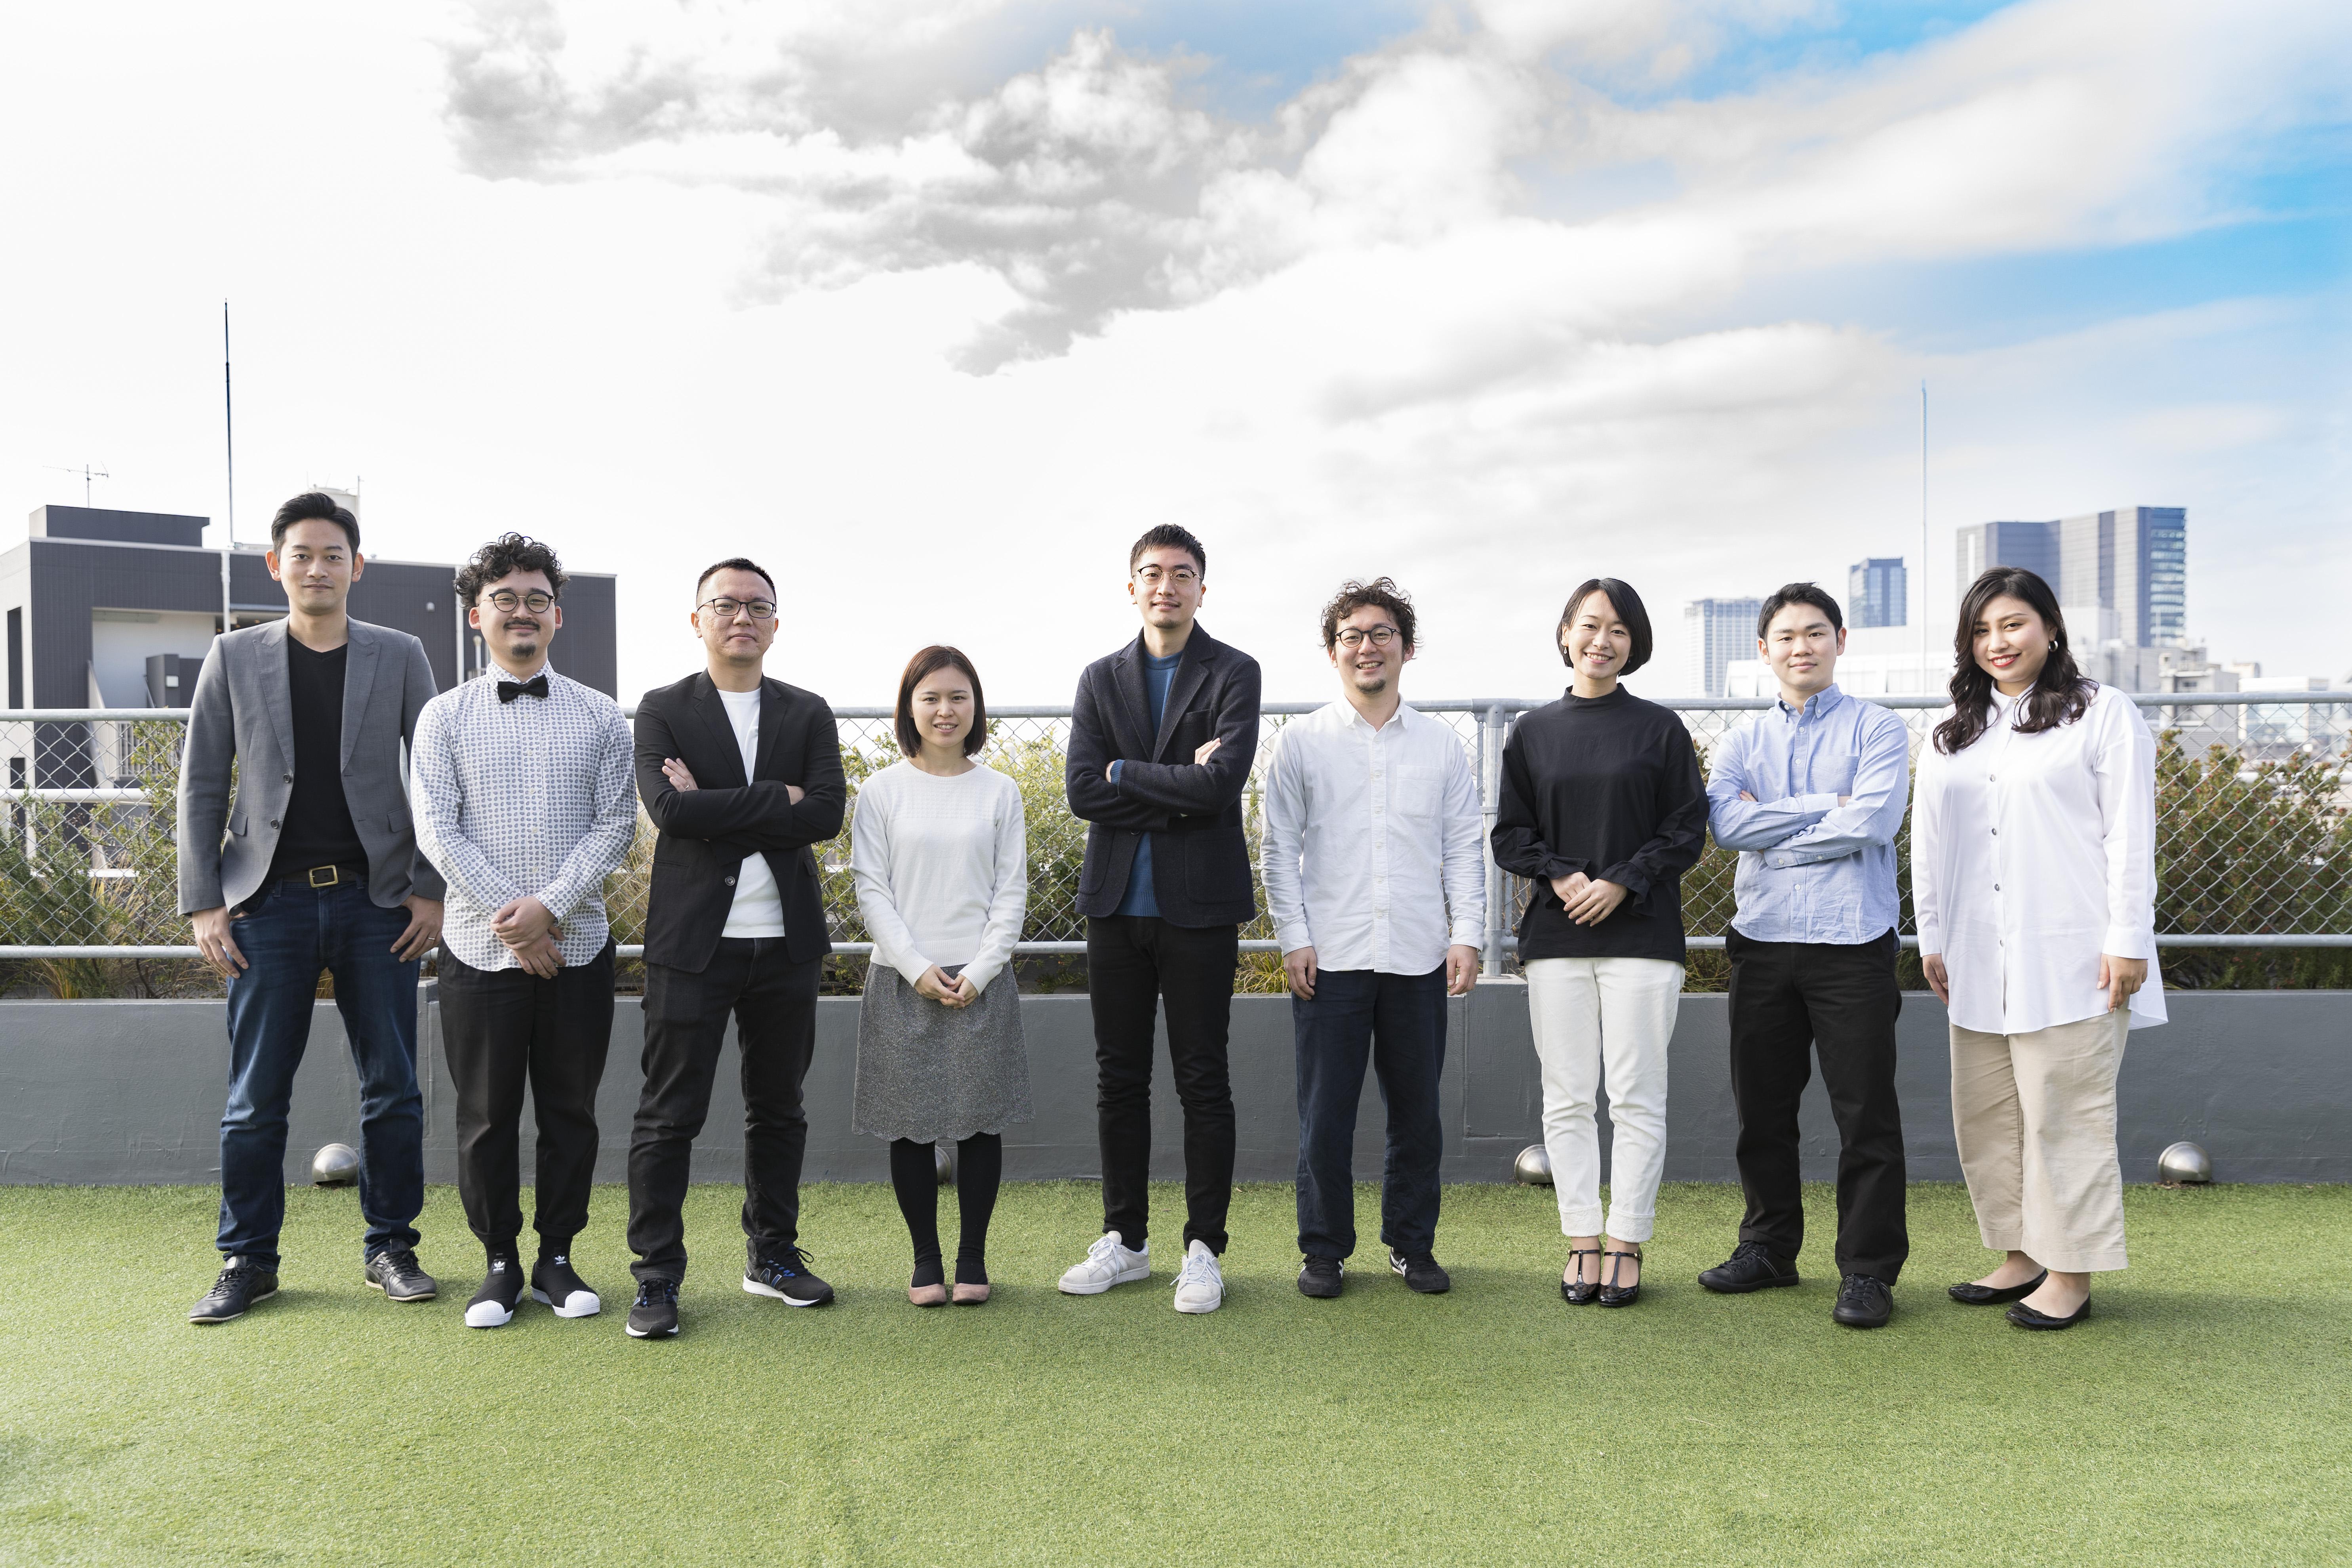 【アルバイト募集】高級日本酒ブランドのカスタマーサポート業務